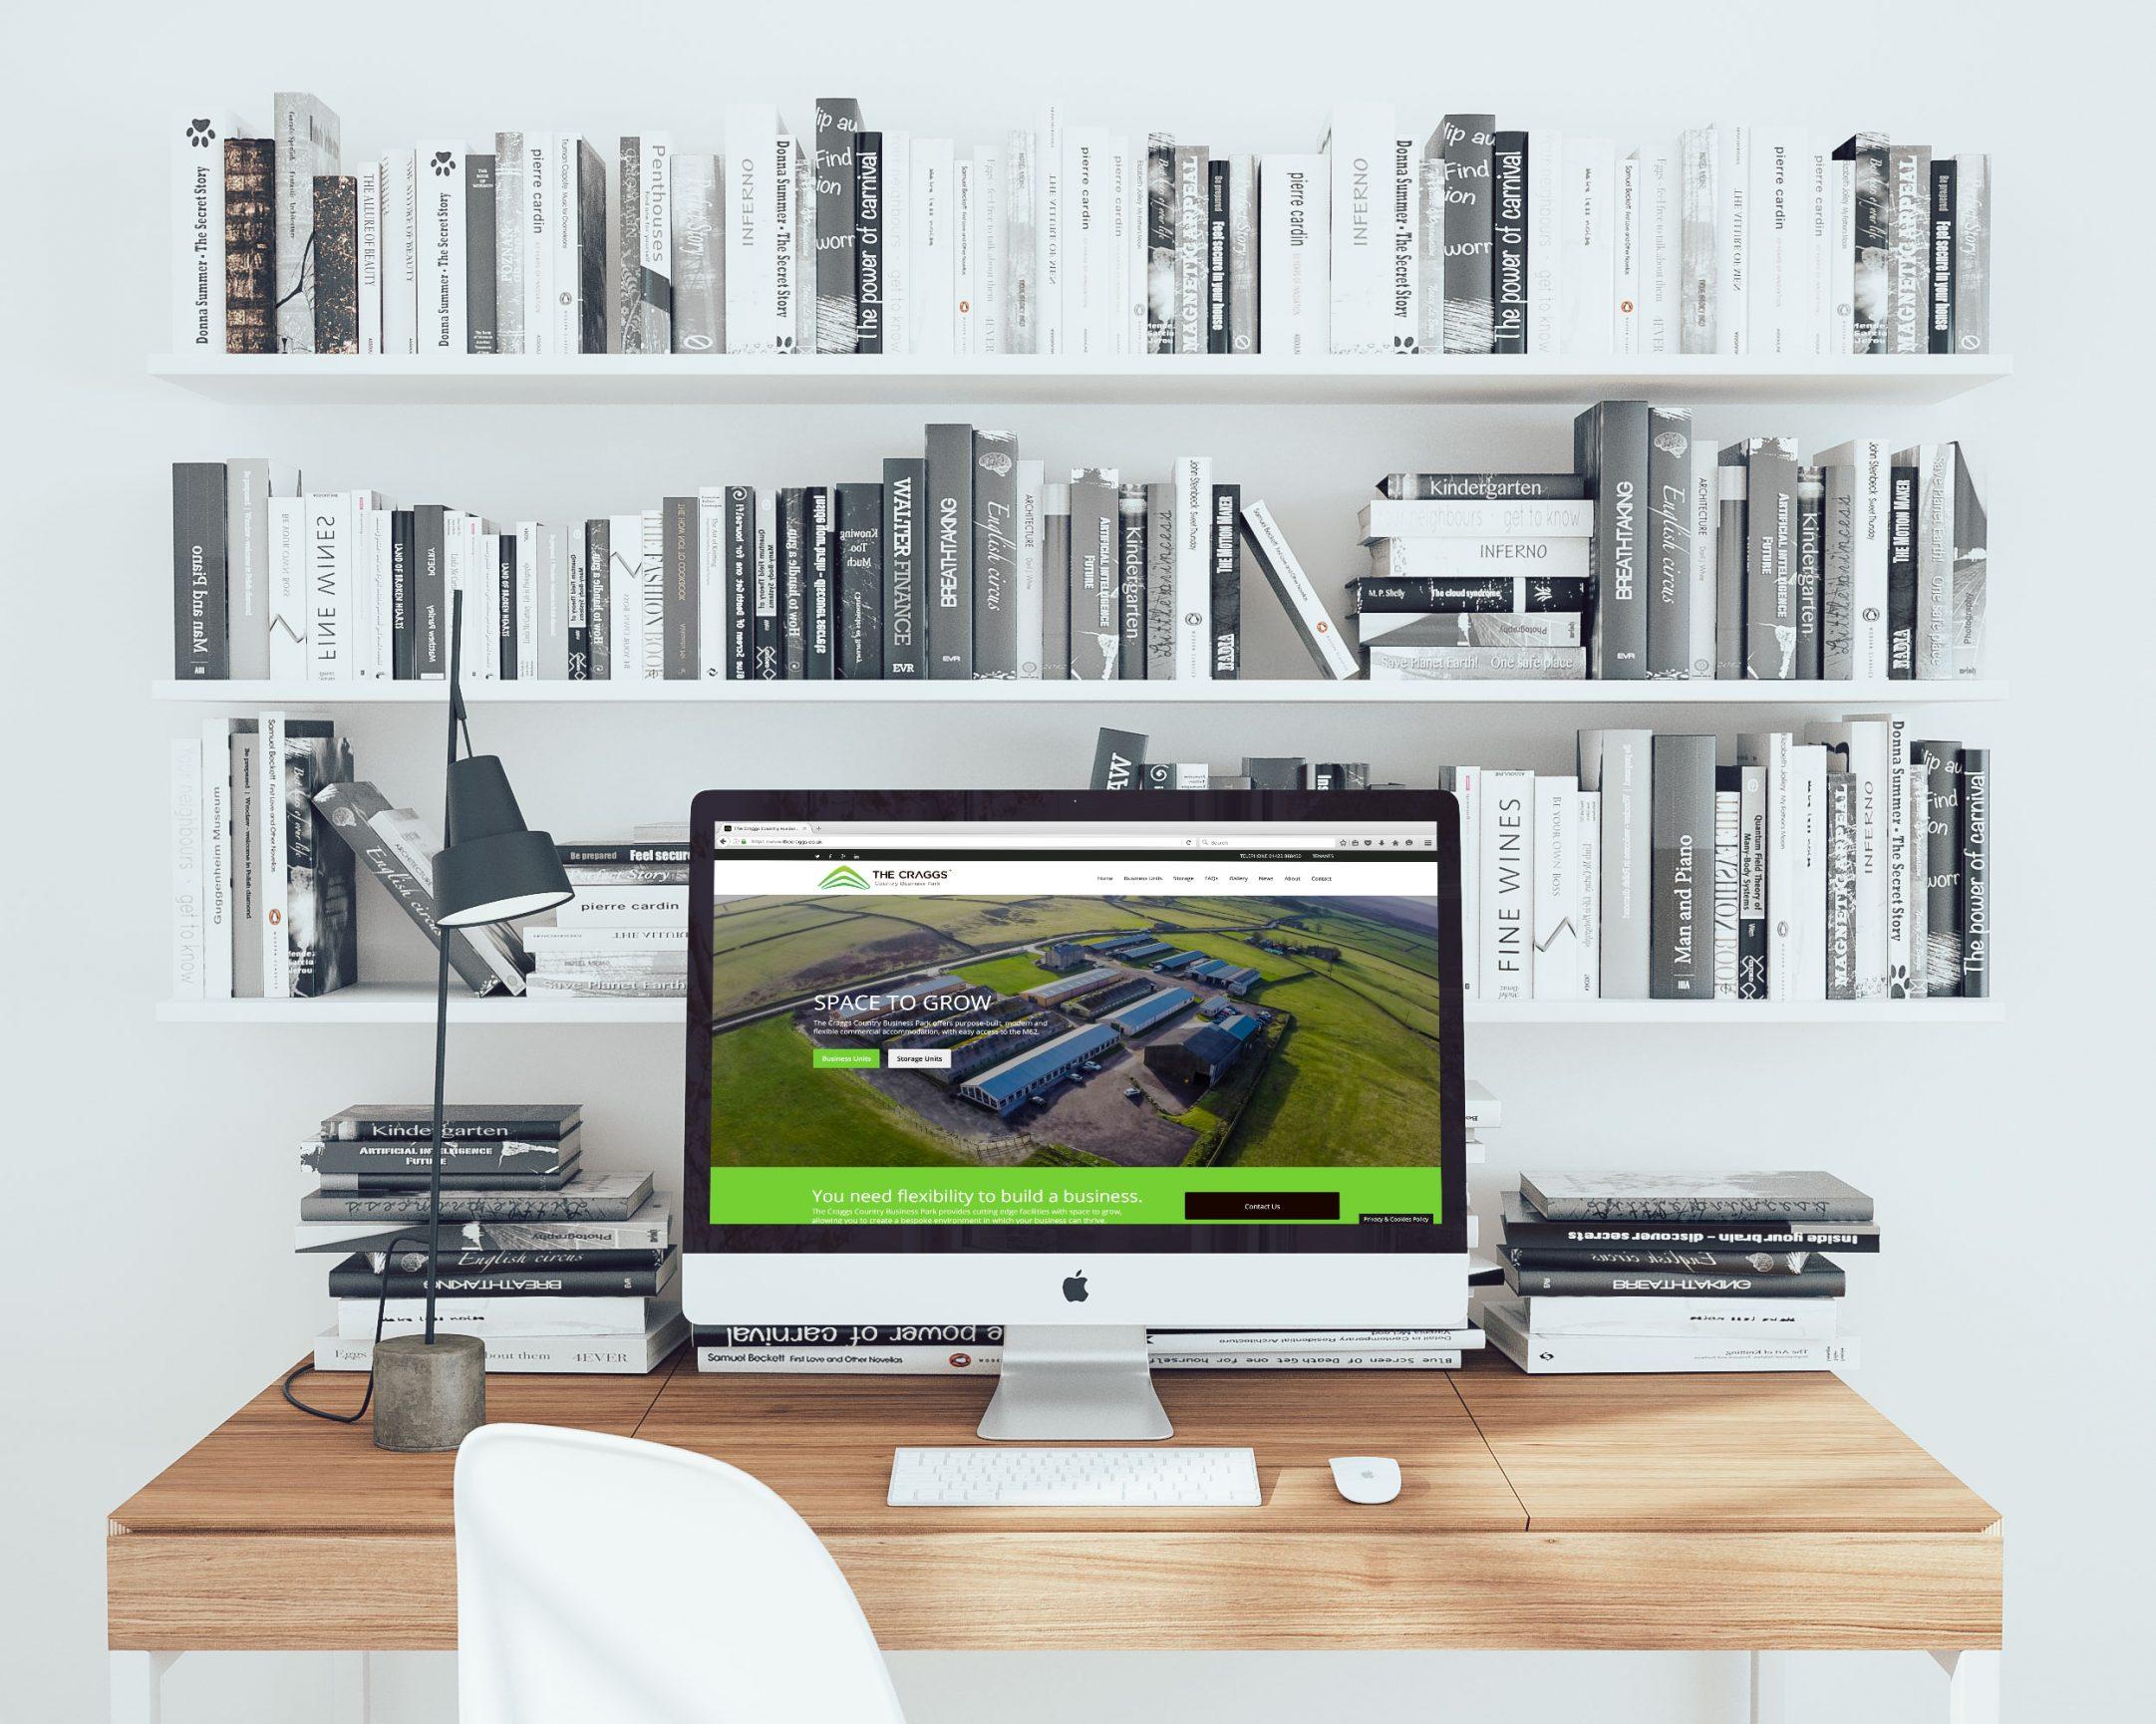 mockDrop iMac on a wooden desk - Website design for business park in Yorkshire